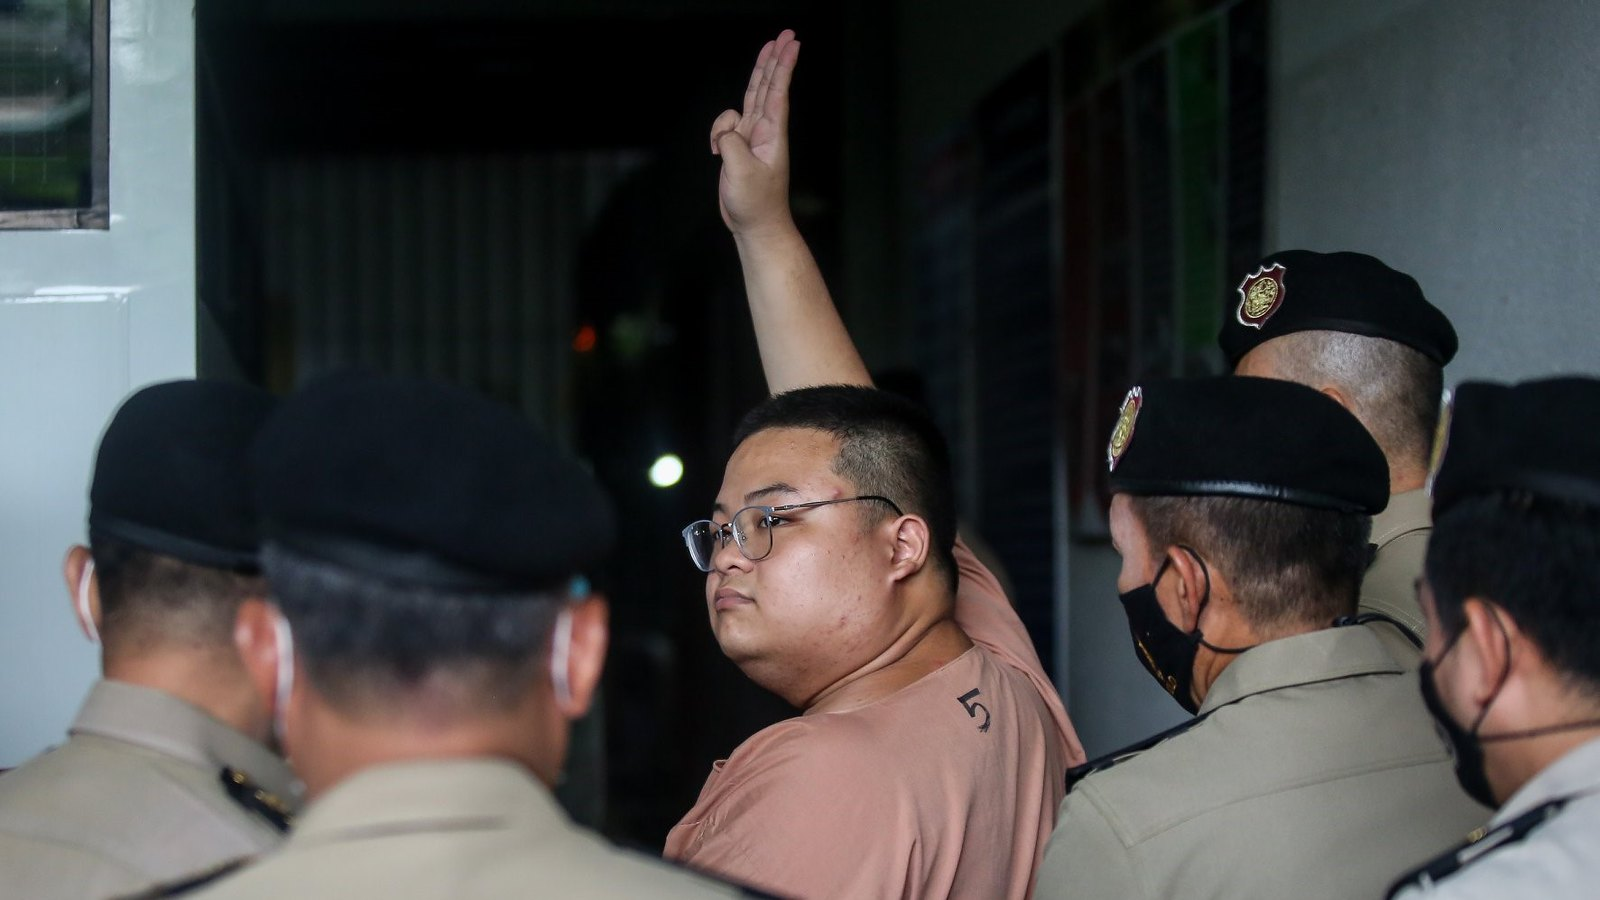 ราษฎรเปิดคำแถลงศาลของ 'เพนกวิน' ม.112 เป็นมะเร็งกัดกินประชาธิปไตย | ประชาไท Prachatai.com